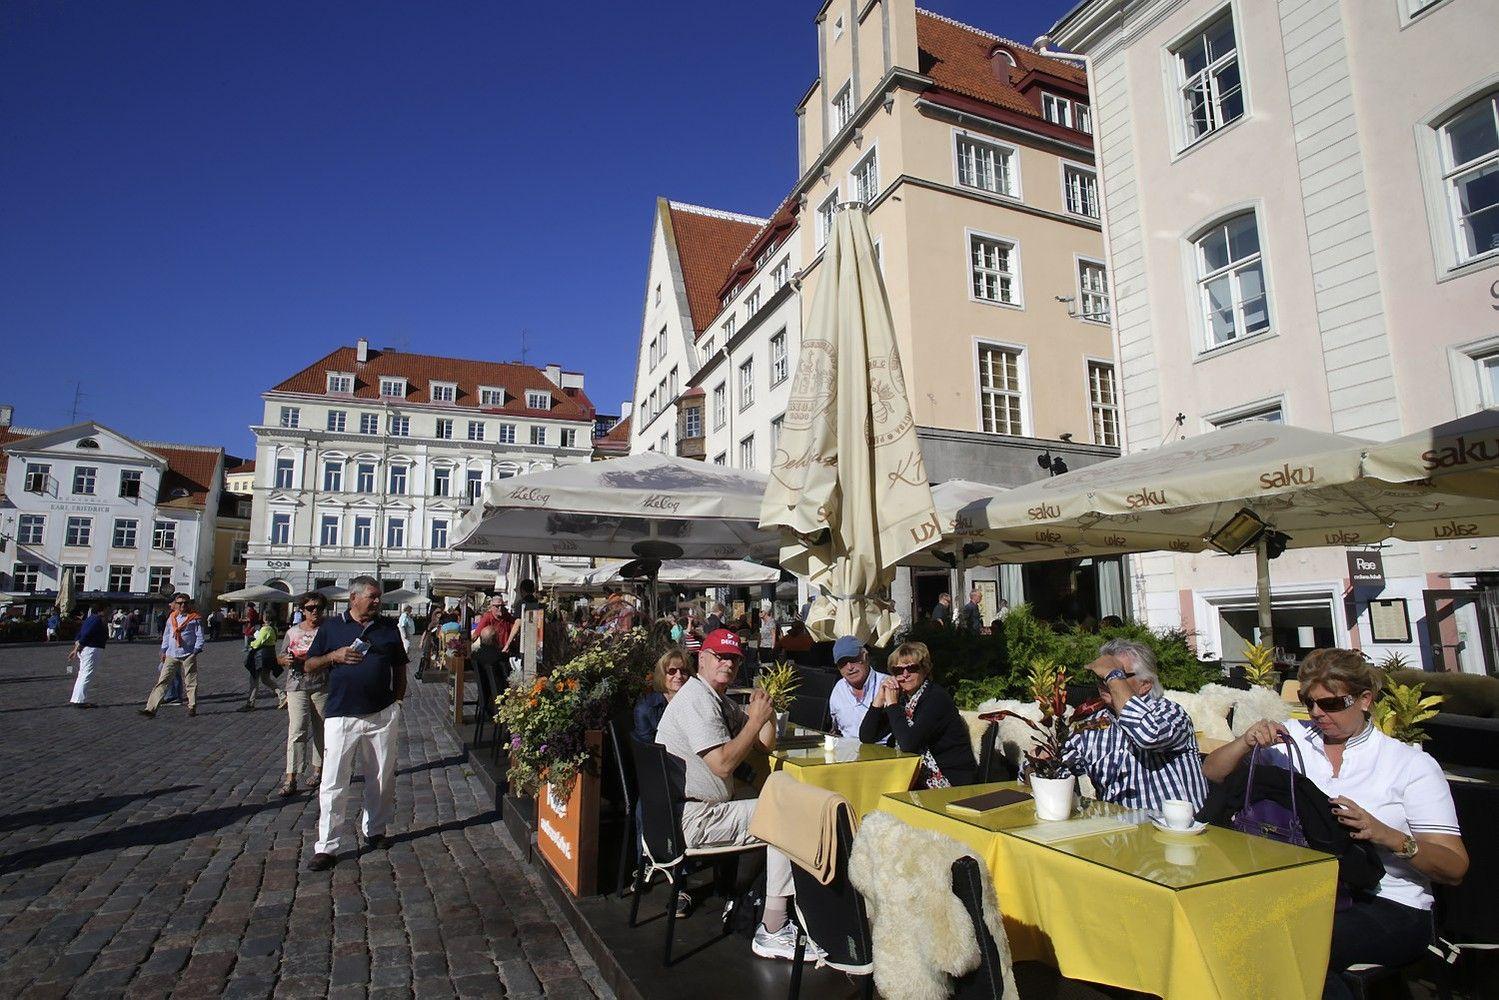 Po reformos didžiausiu Estijos miestu taps Pernu, aplenks net Atėnus ir Madridą